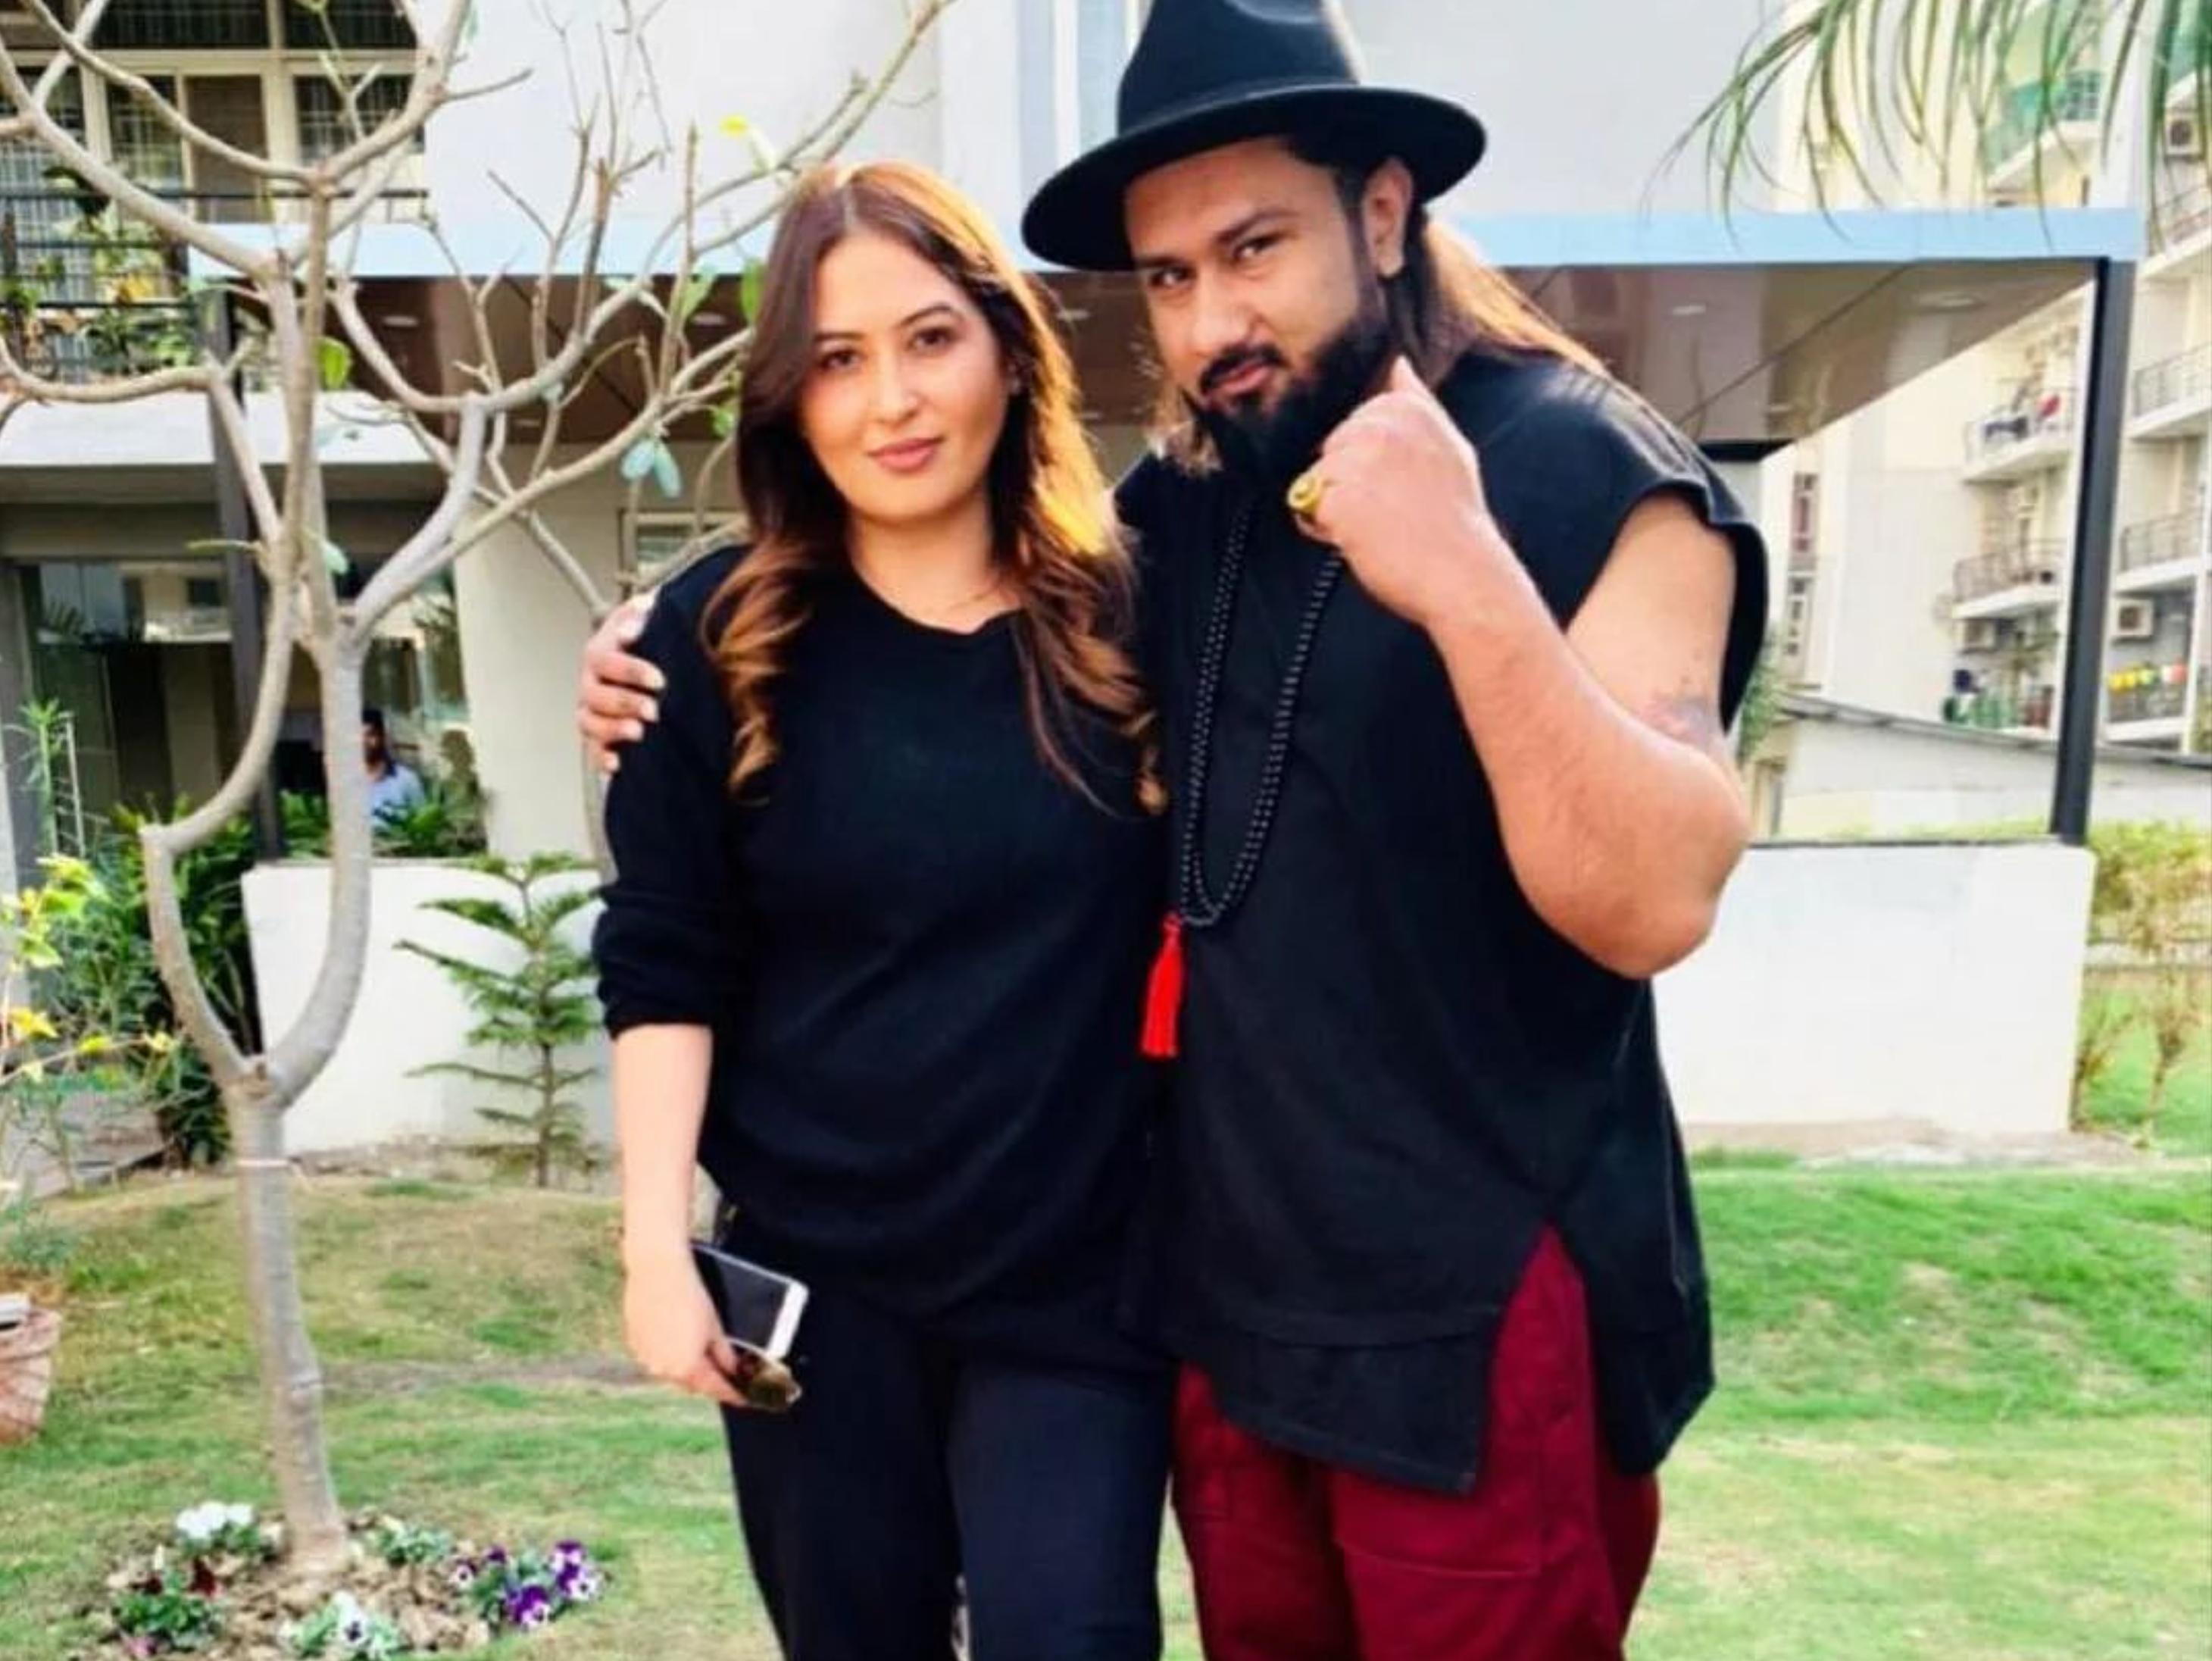 शादी के 10 साल बाद पत्नी शालिनी तलवार ने खोली जुबान, हनी सिंह पर मारपीट और मानसिक प्रताड़ना का मामला दर्ज|बॉलीवुड,Bollywood - Dainik Bhaskar